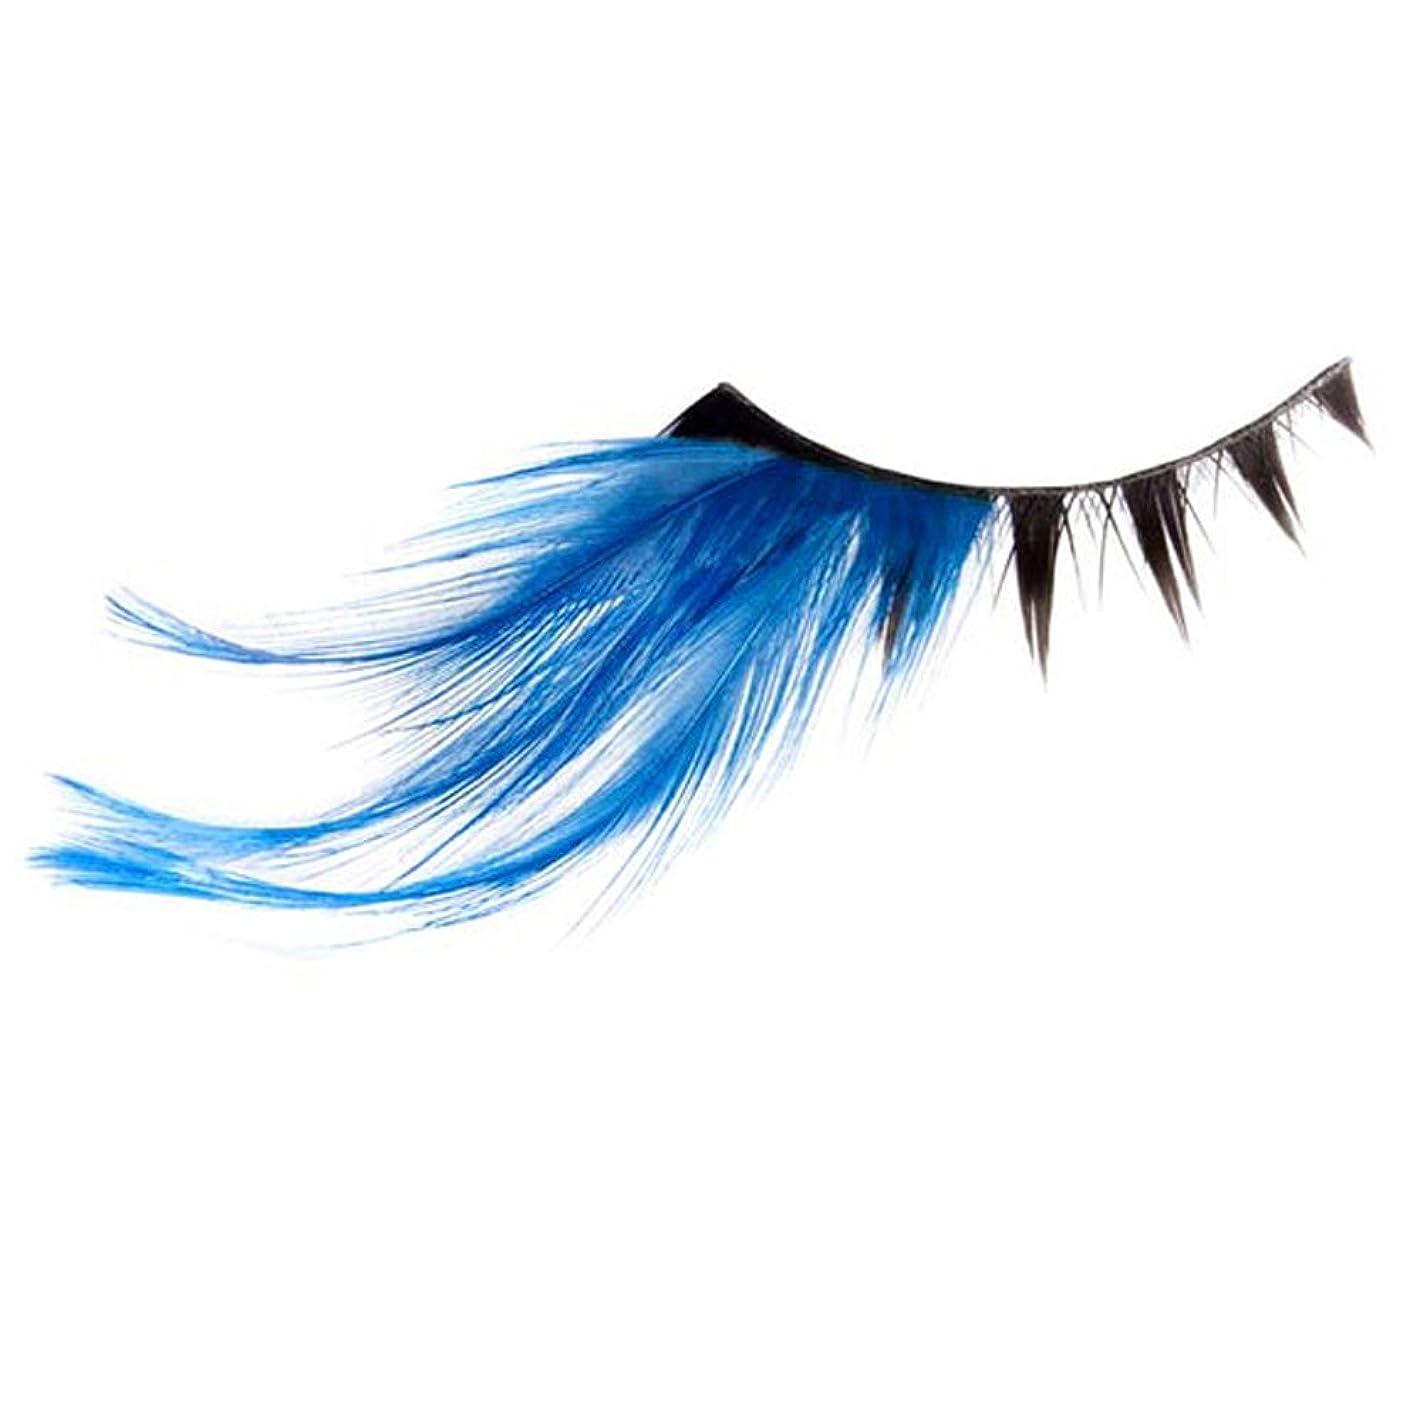 事前にあそこ科学つけまつげ 羽つき フェザー付き グラマラスラッシュ ピンク ブルー ブラック アメリカ輸入 (ブルー)